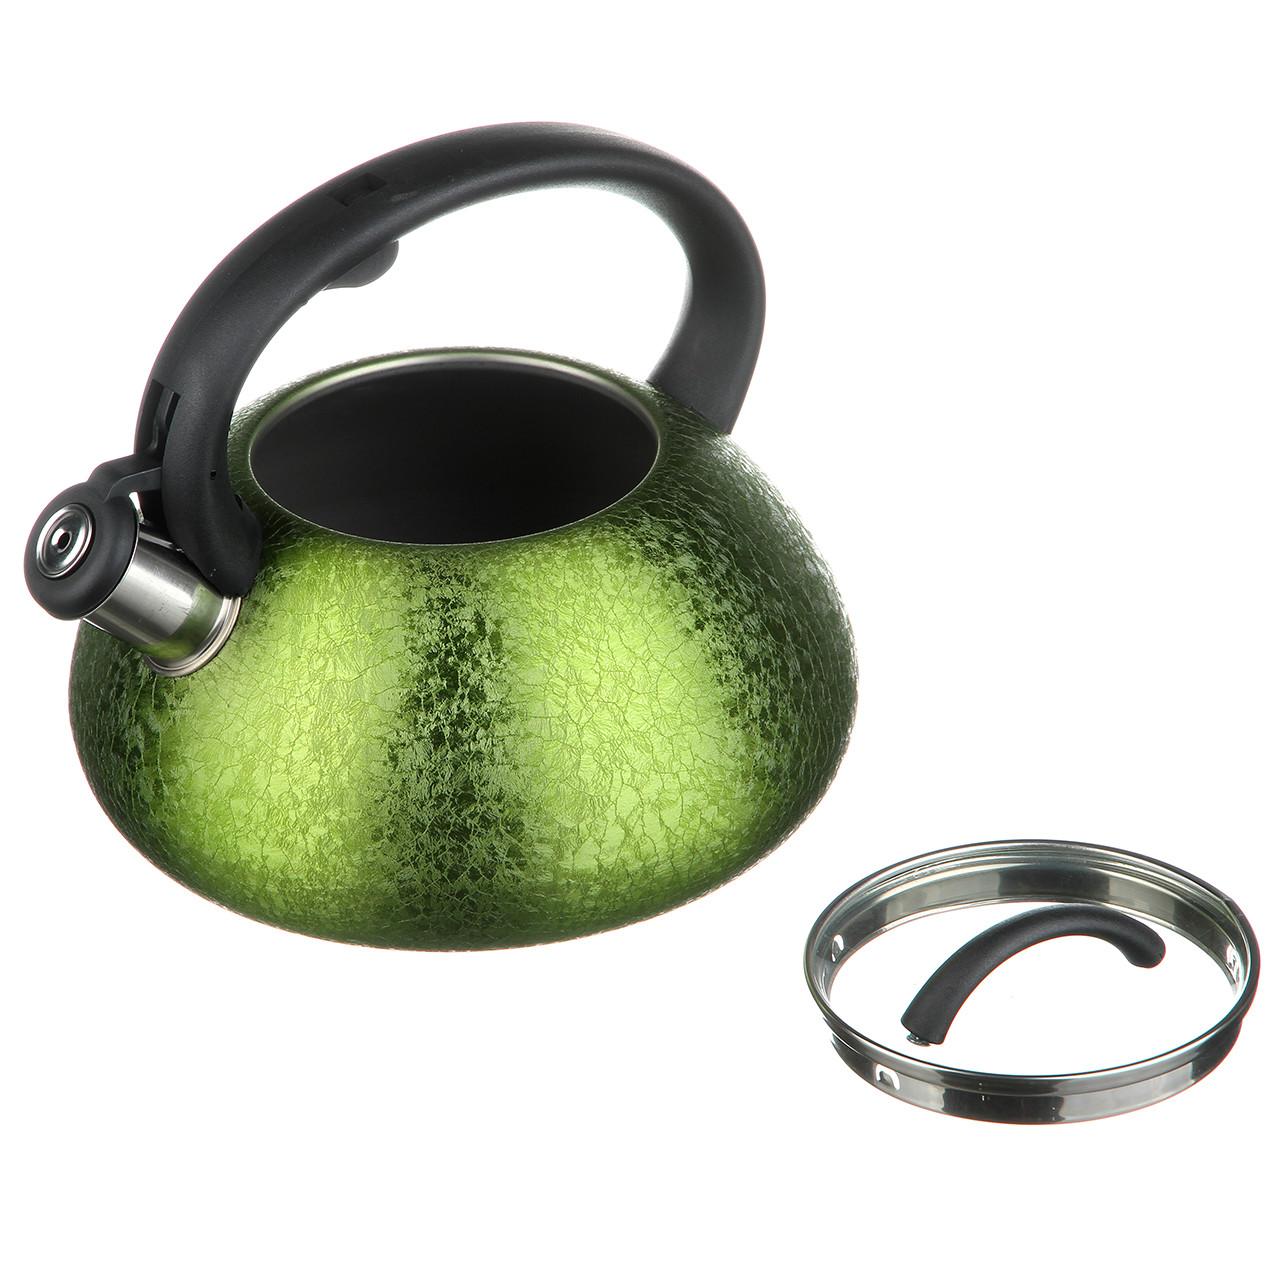 Чайник трёхлитровый со свистком три цвета